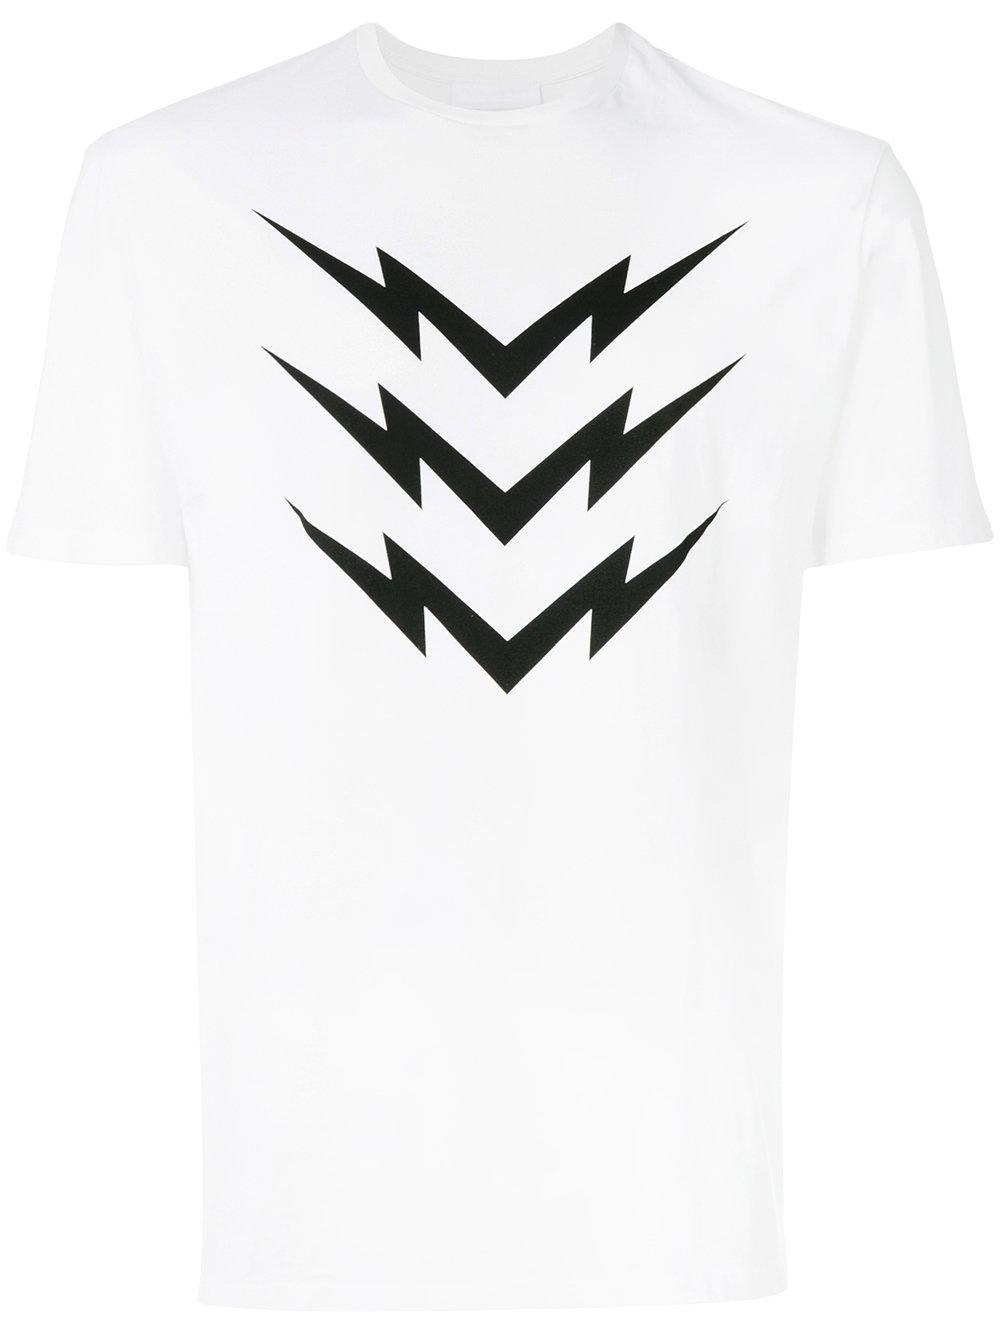 Тениска Neil Barrett; 393.52лв